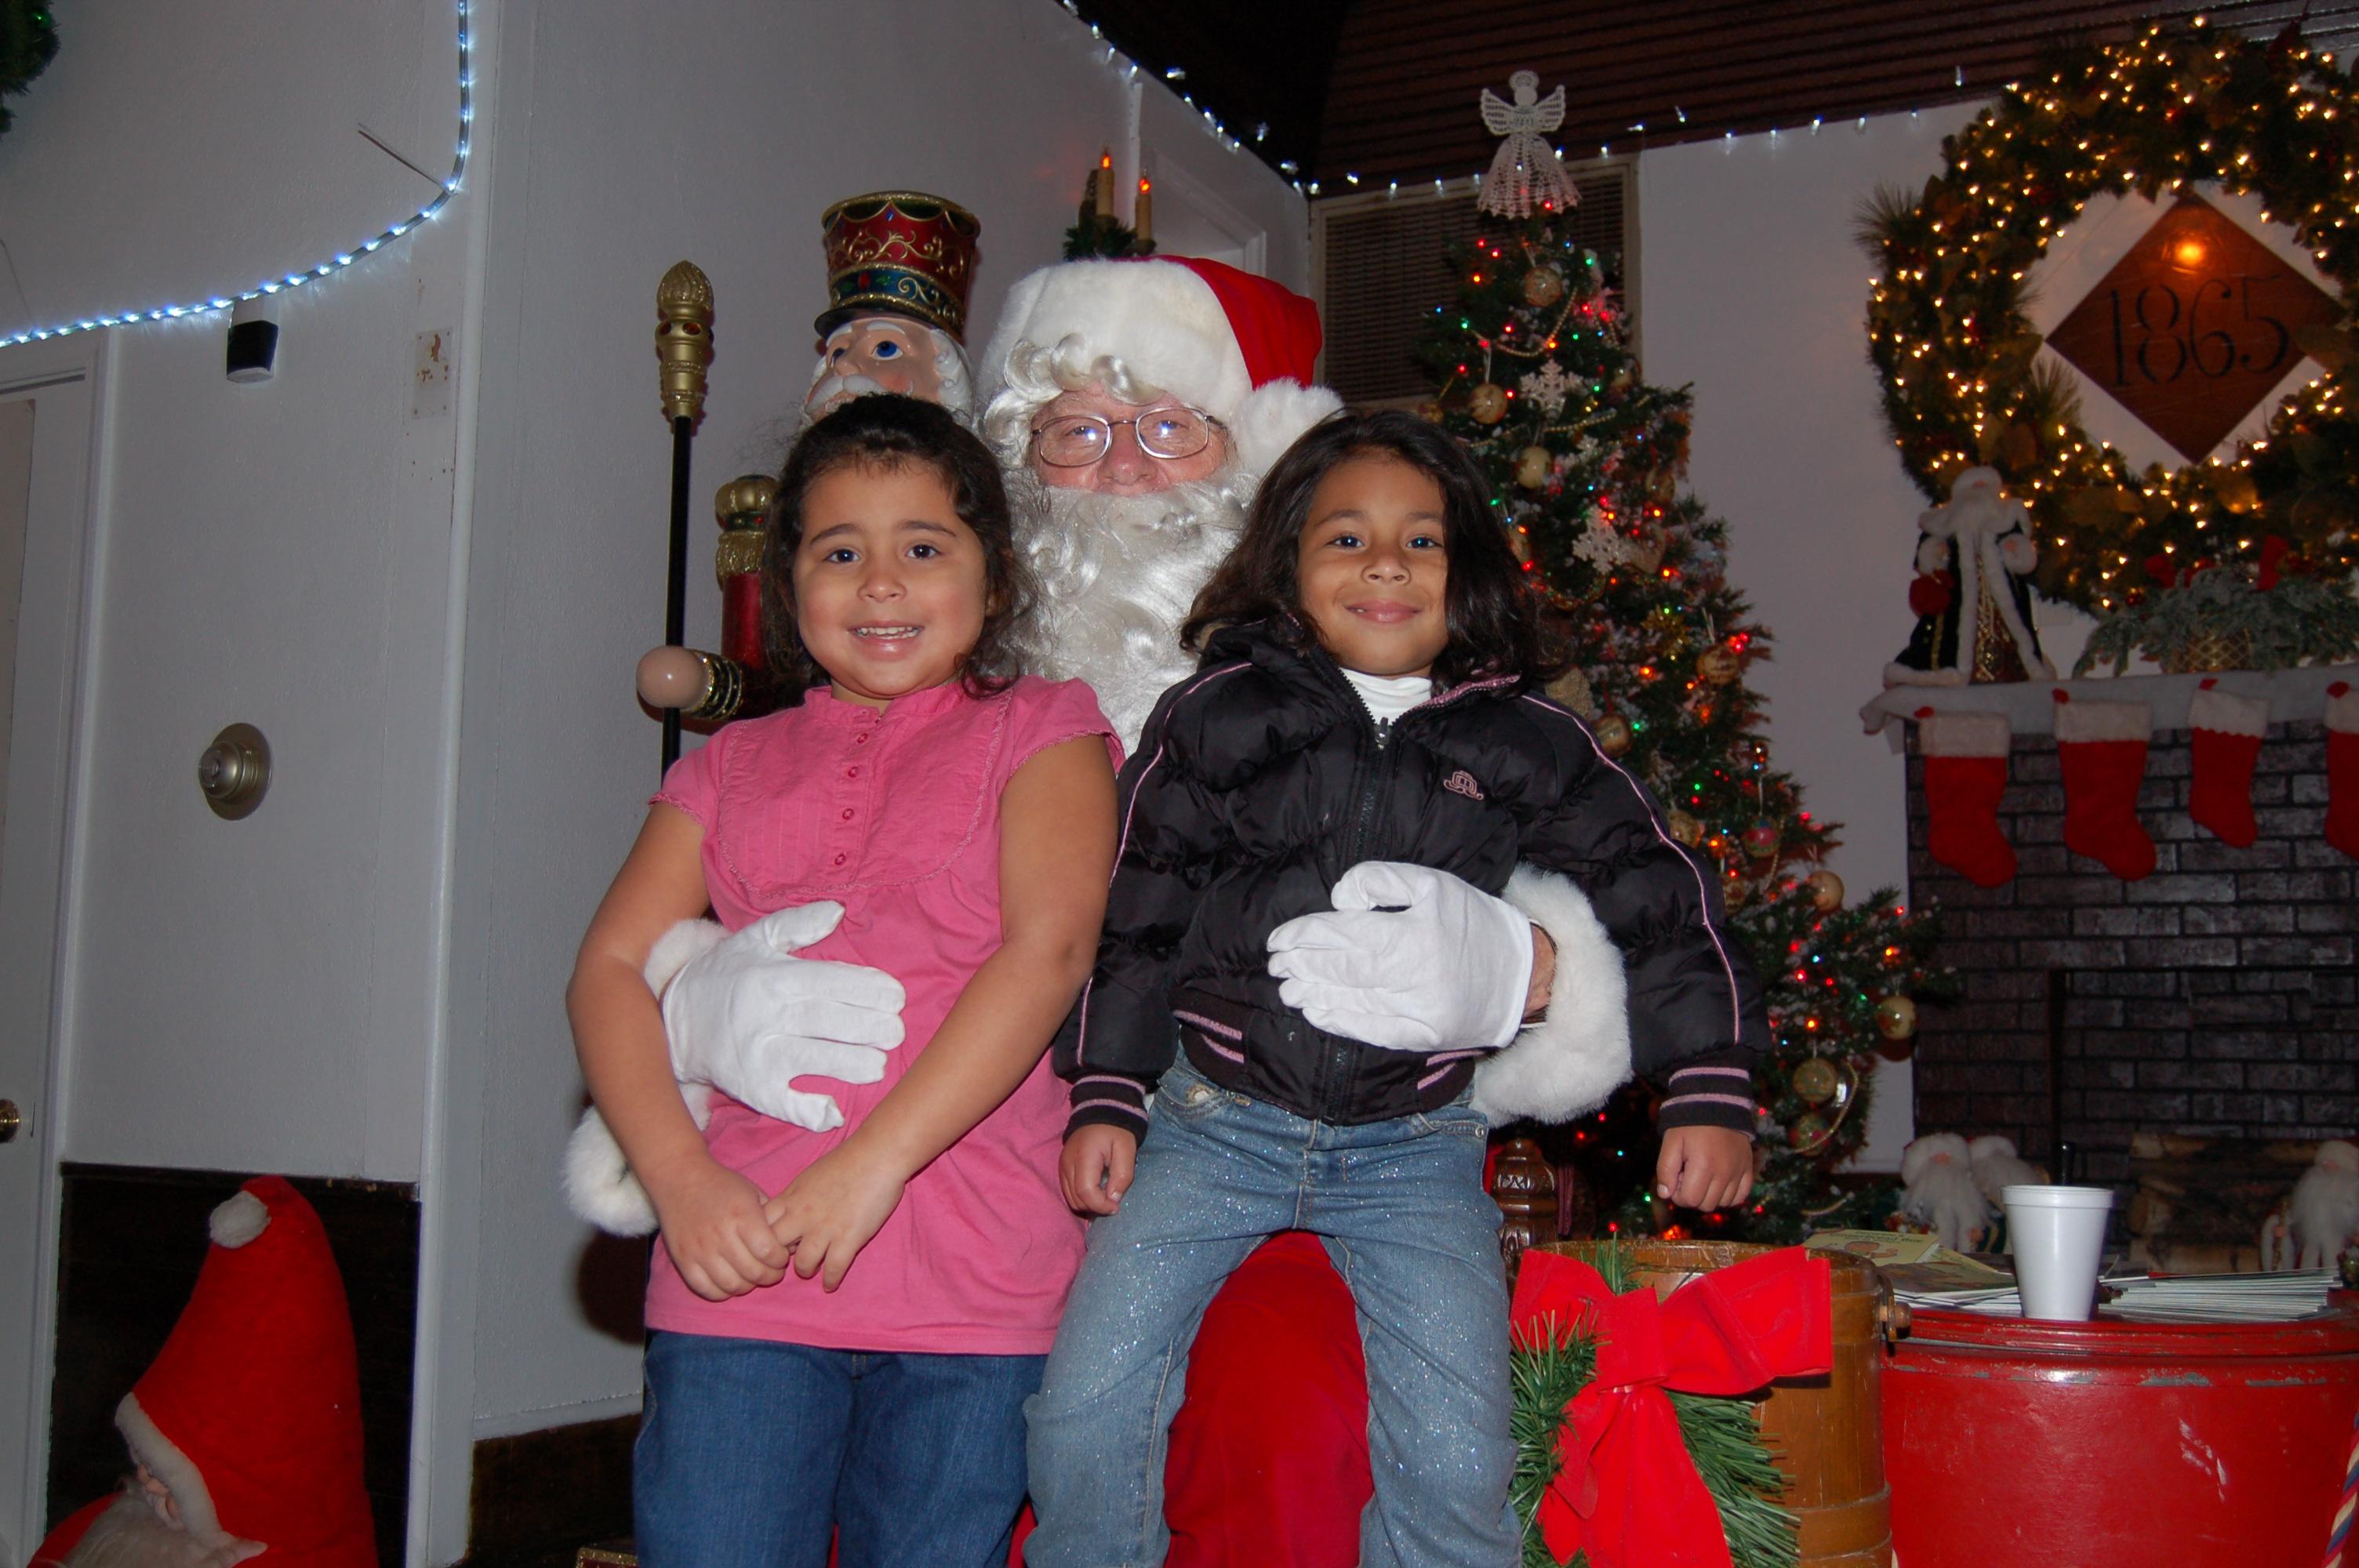 LolliPop+Lane+12-1-2007+Picture+022.jpg